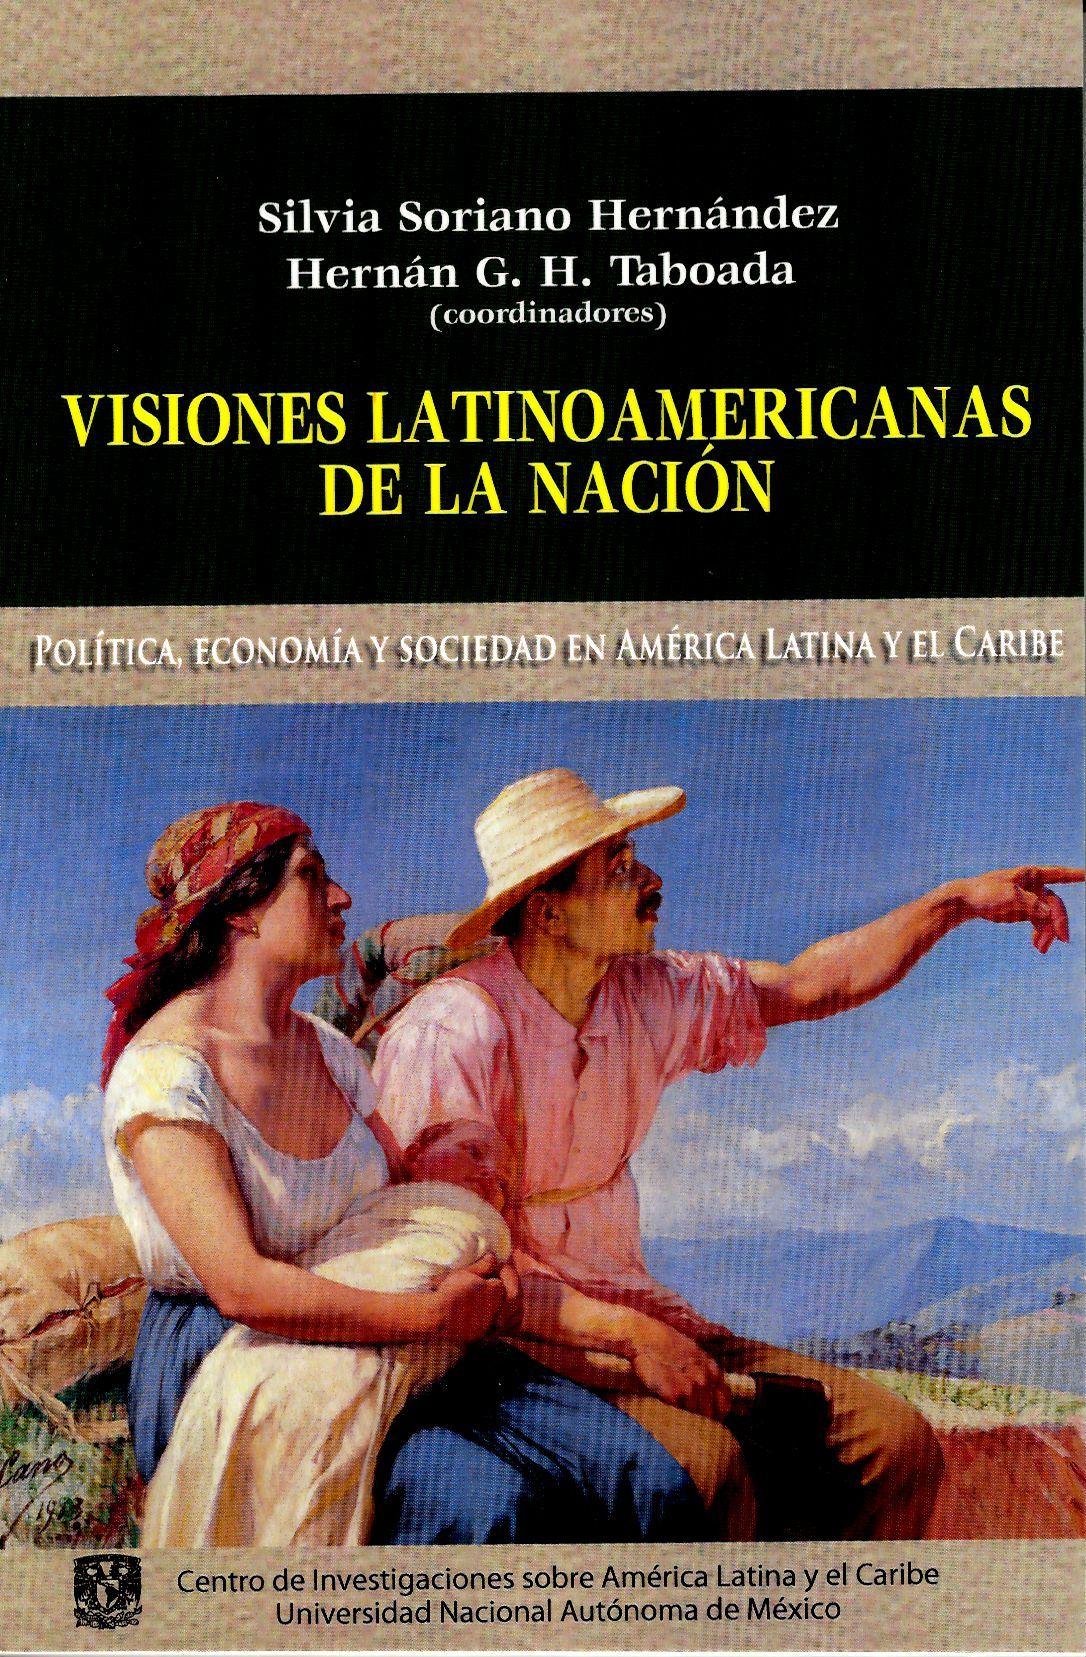 Visiones latinoamericanas de la nación. Política, economía y sociedad